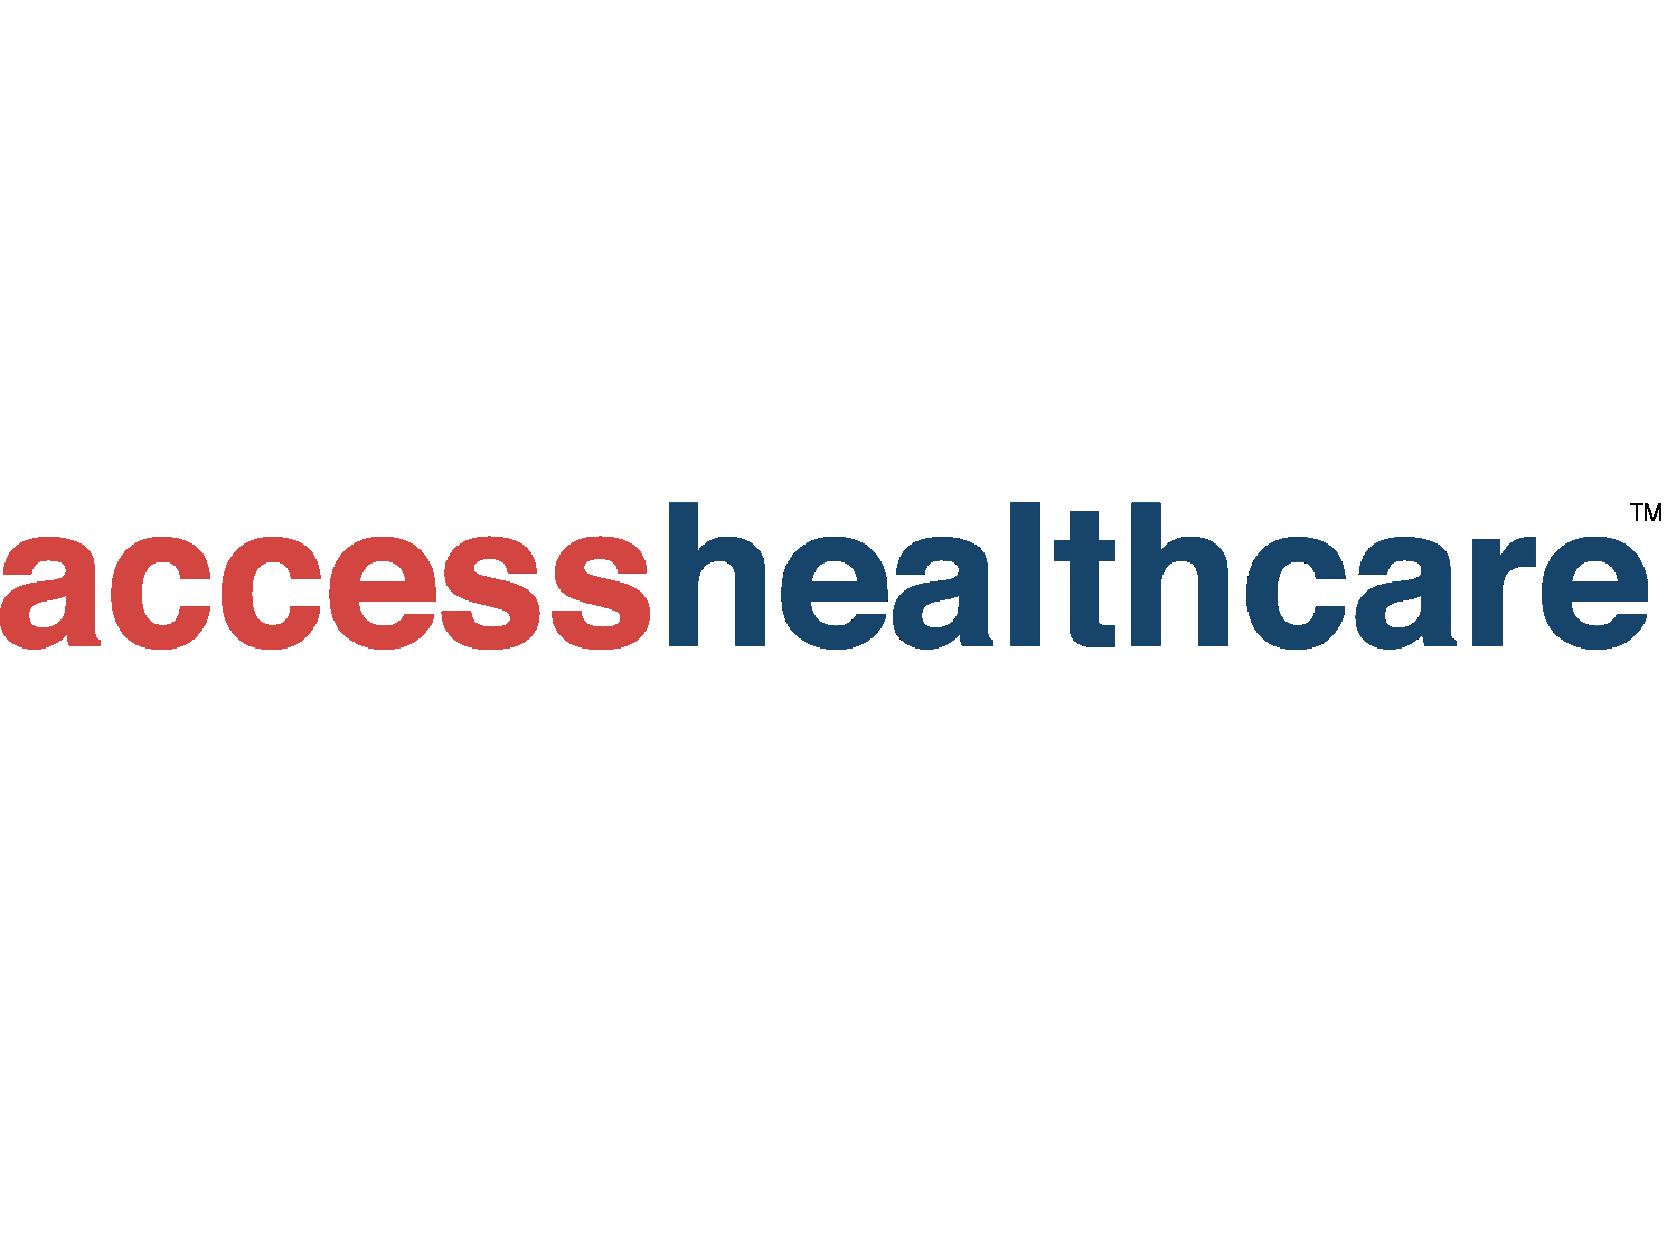 accesshealthcare